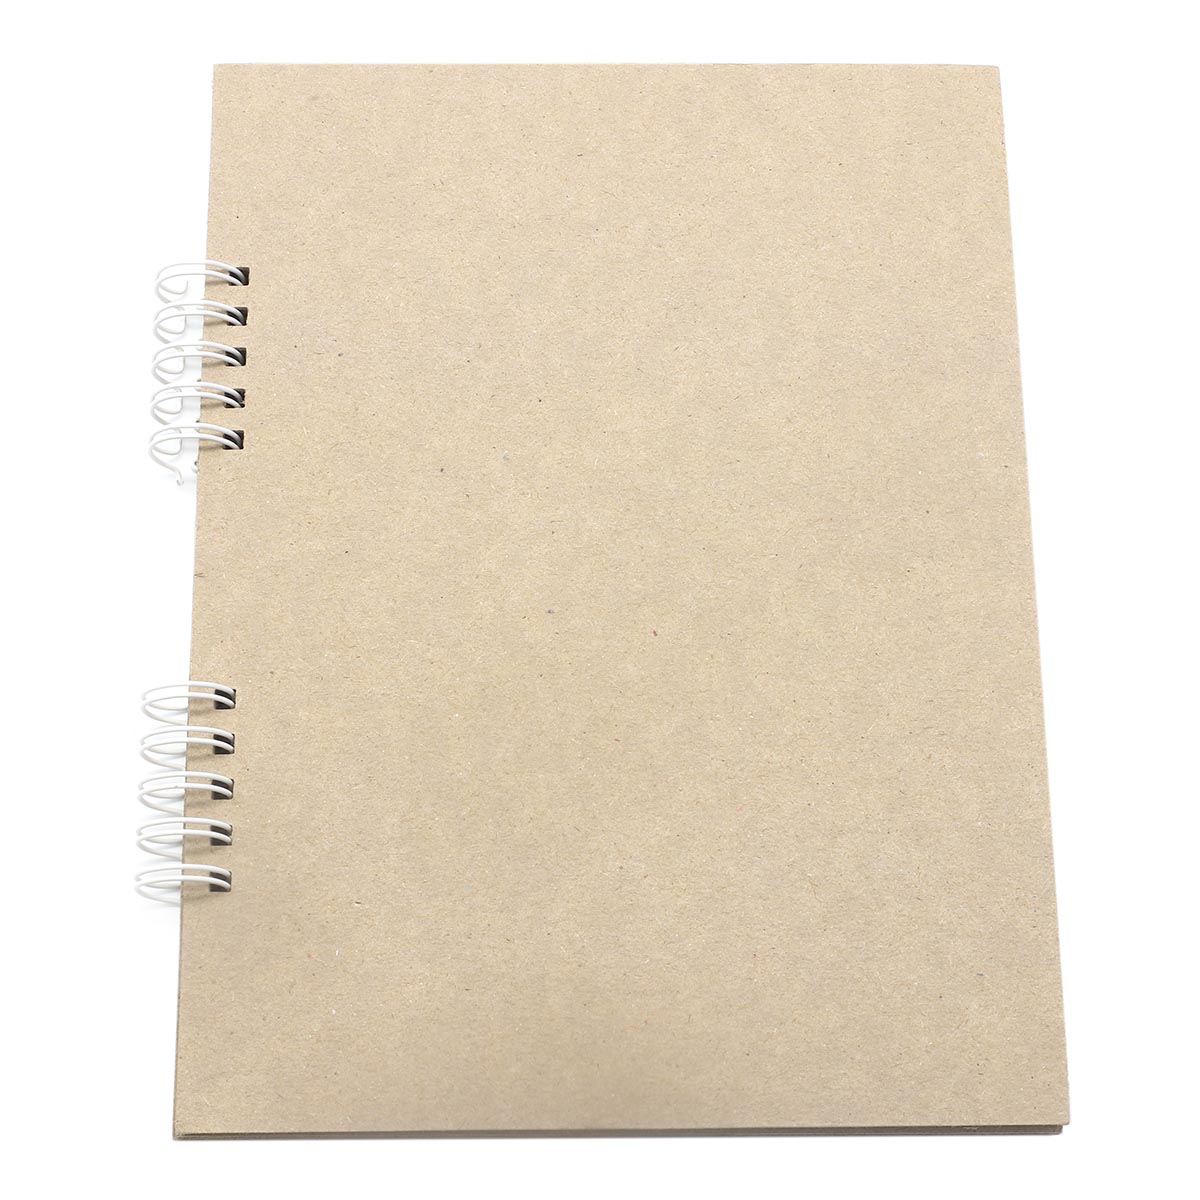 АП001-Б Заготовка для фотоальбома на пружине белой А5, 6 листов